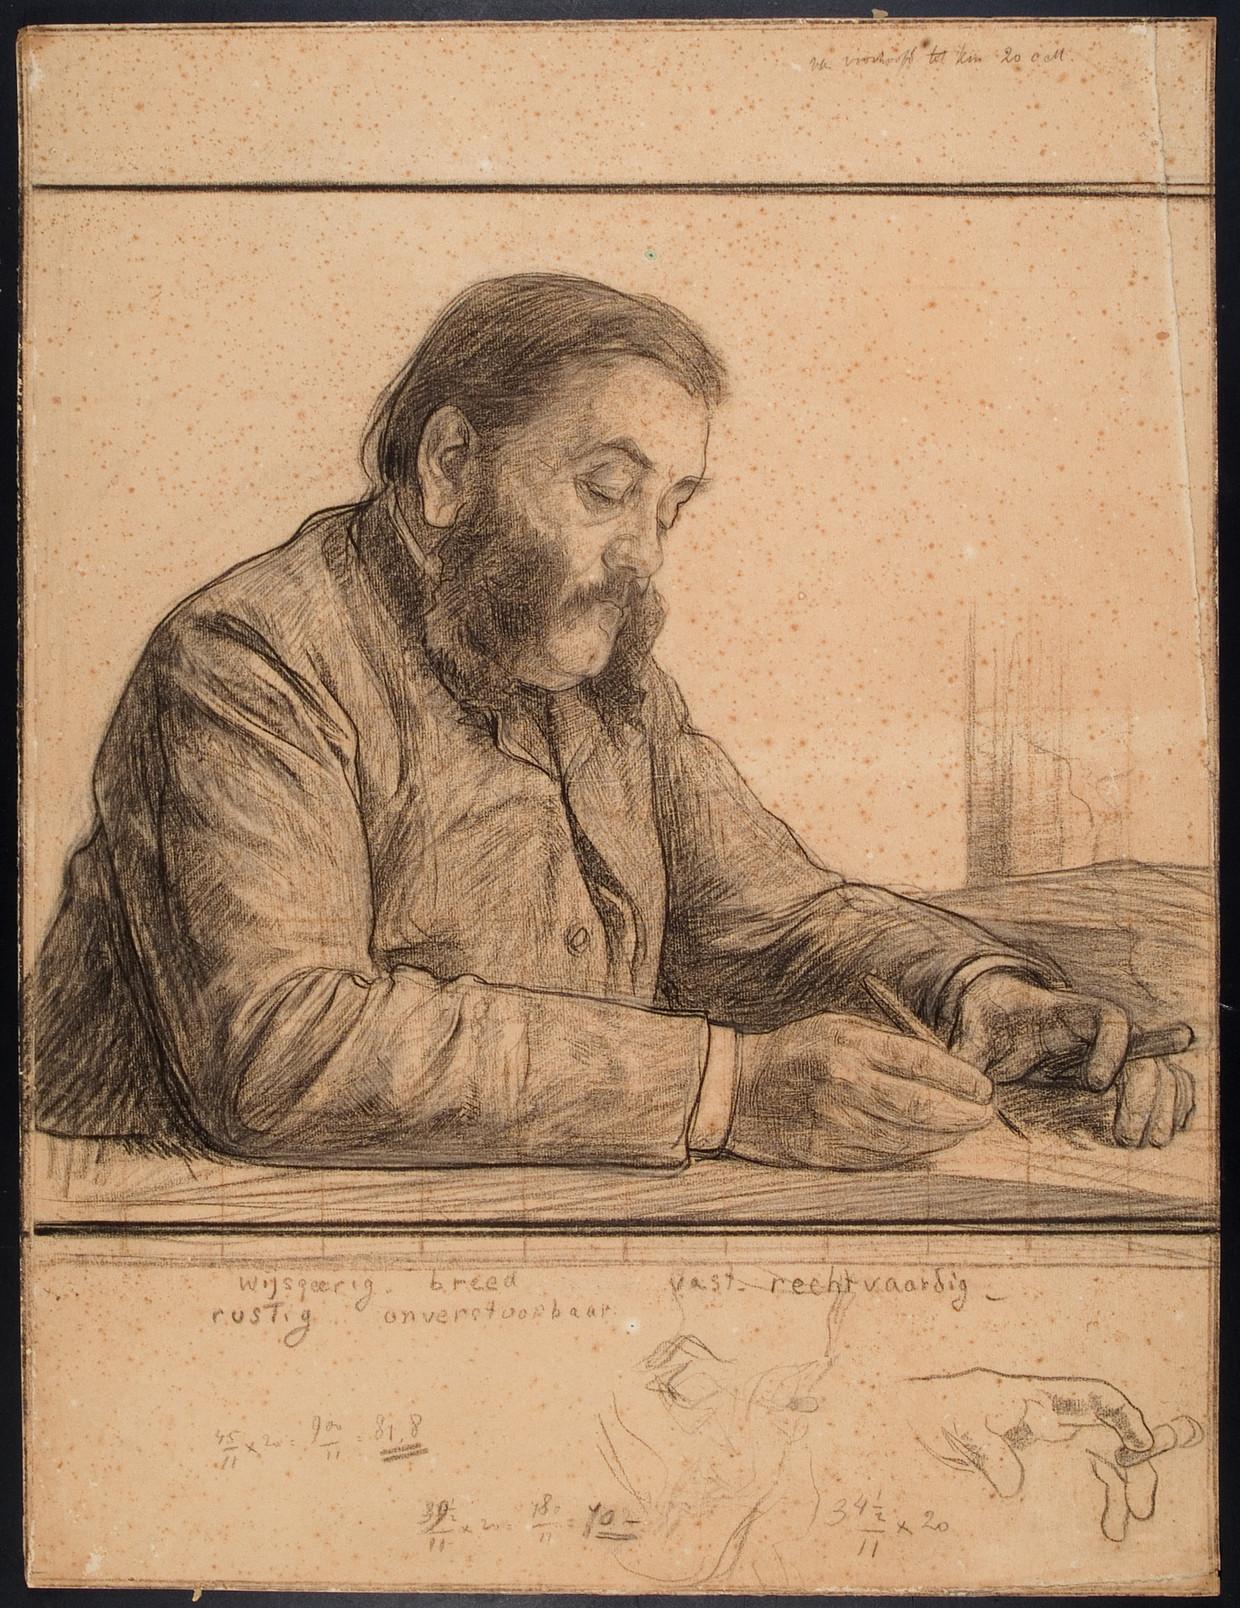 Allard Pierson op een schets voor een portret van Jan Veth uit 1889.